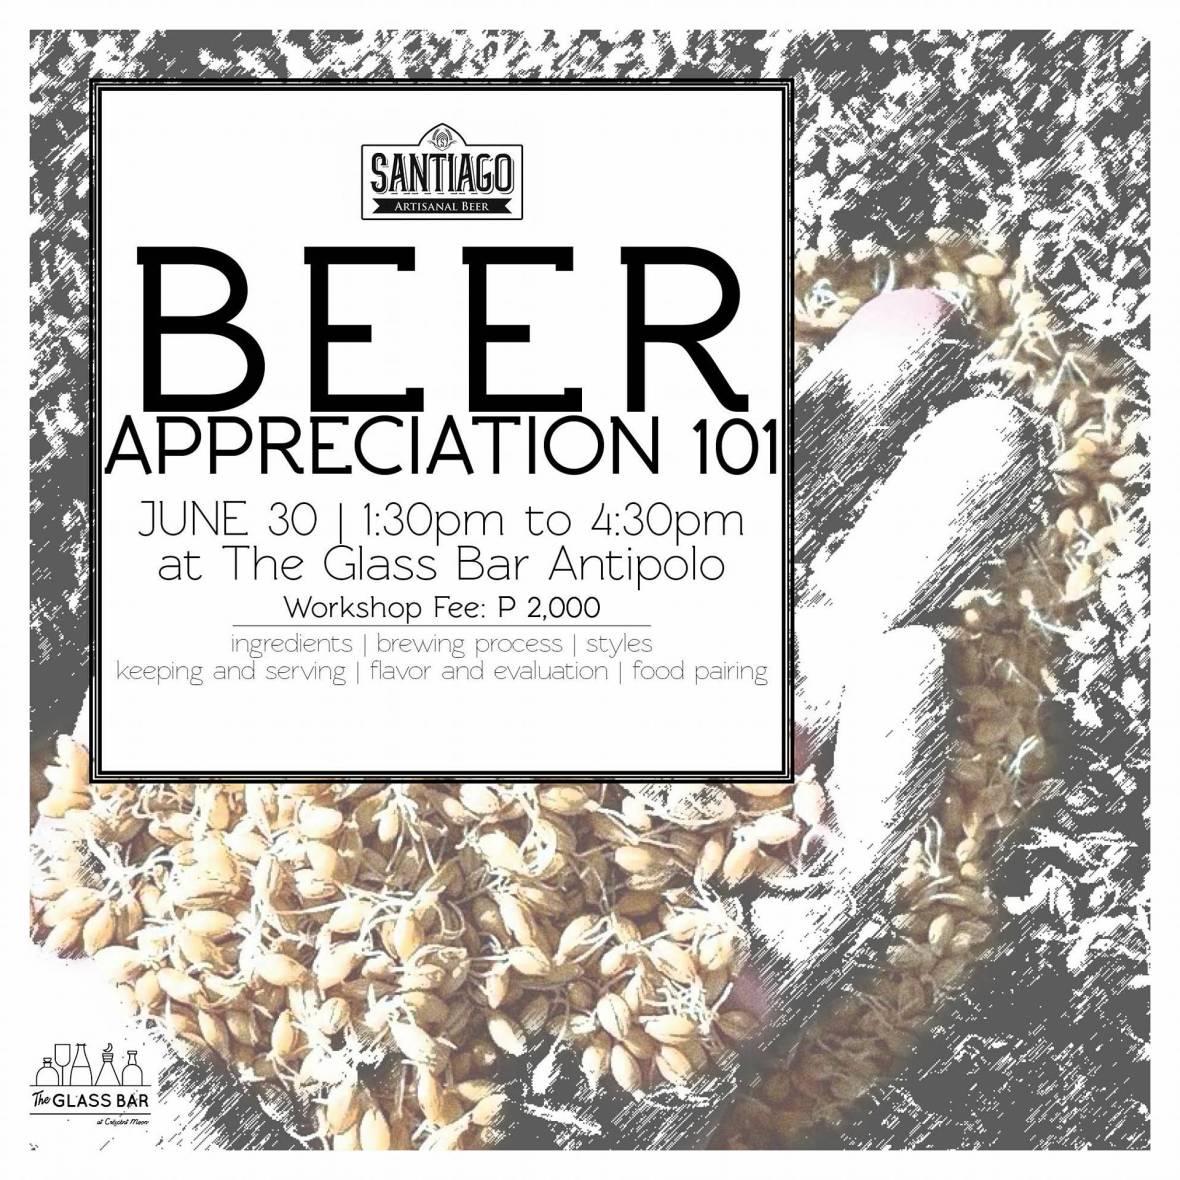 BeerAppreciation